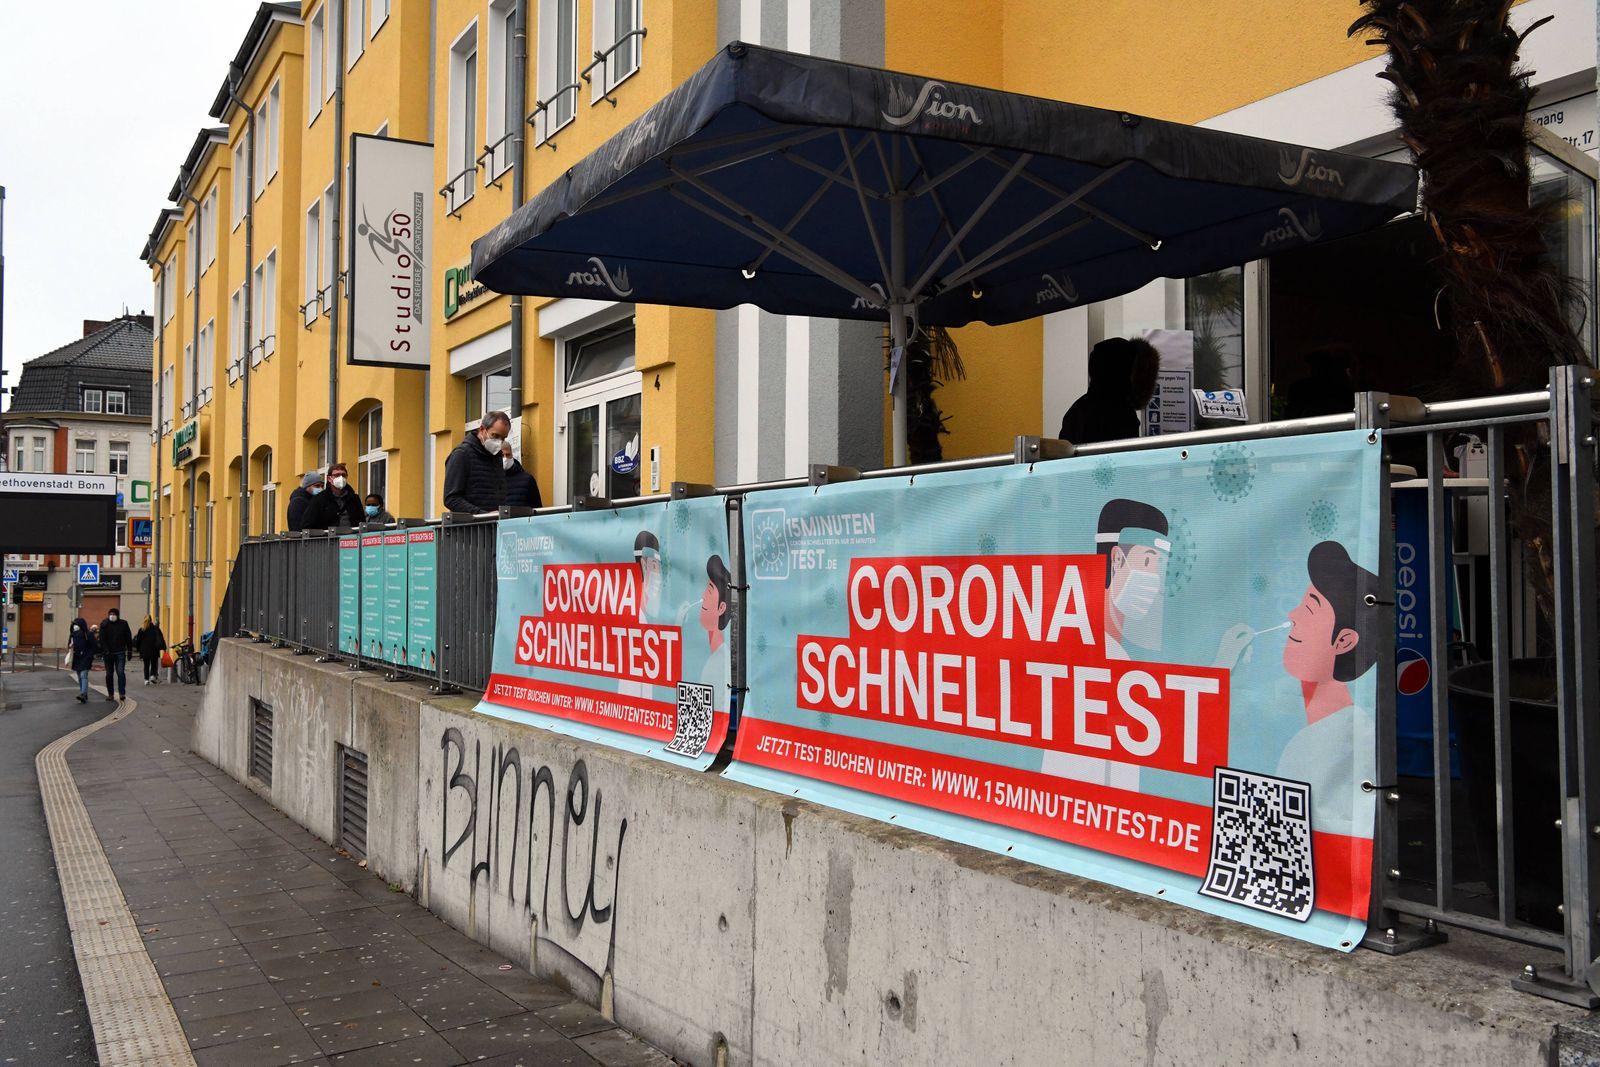 Deutschland, Bonn, 21.12.2020 Corona Schnelltest Foto: Heute eroeffnete in Bonn die erste Einrichtung für den Corona-Sc